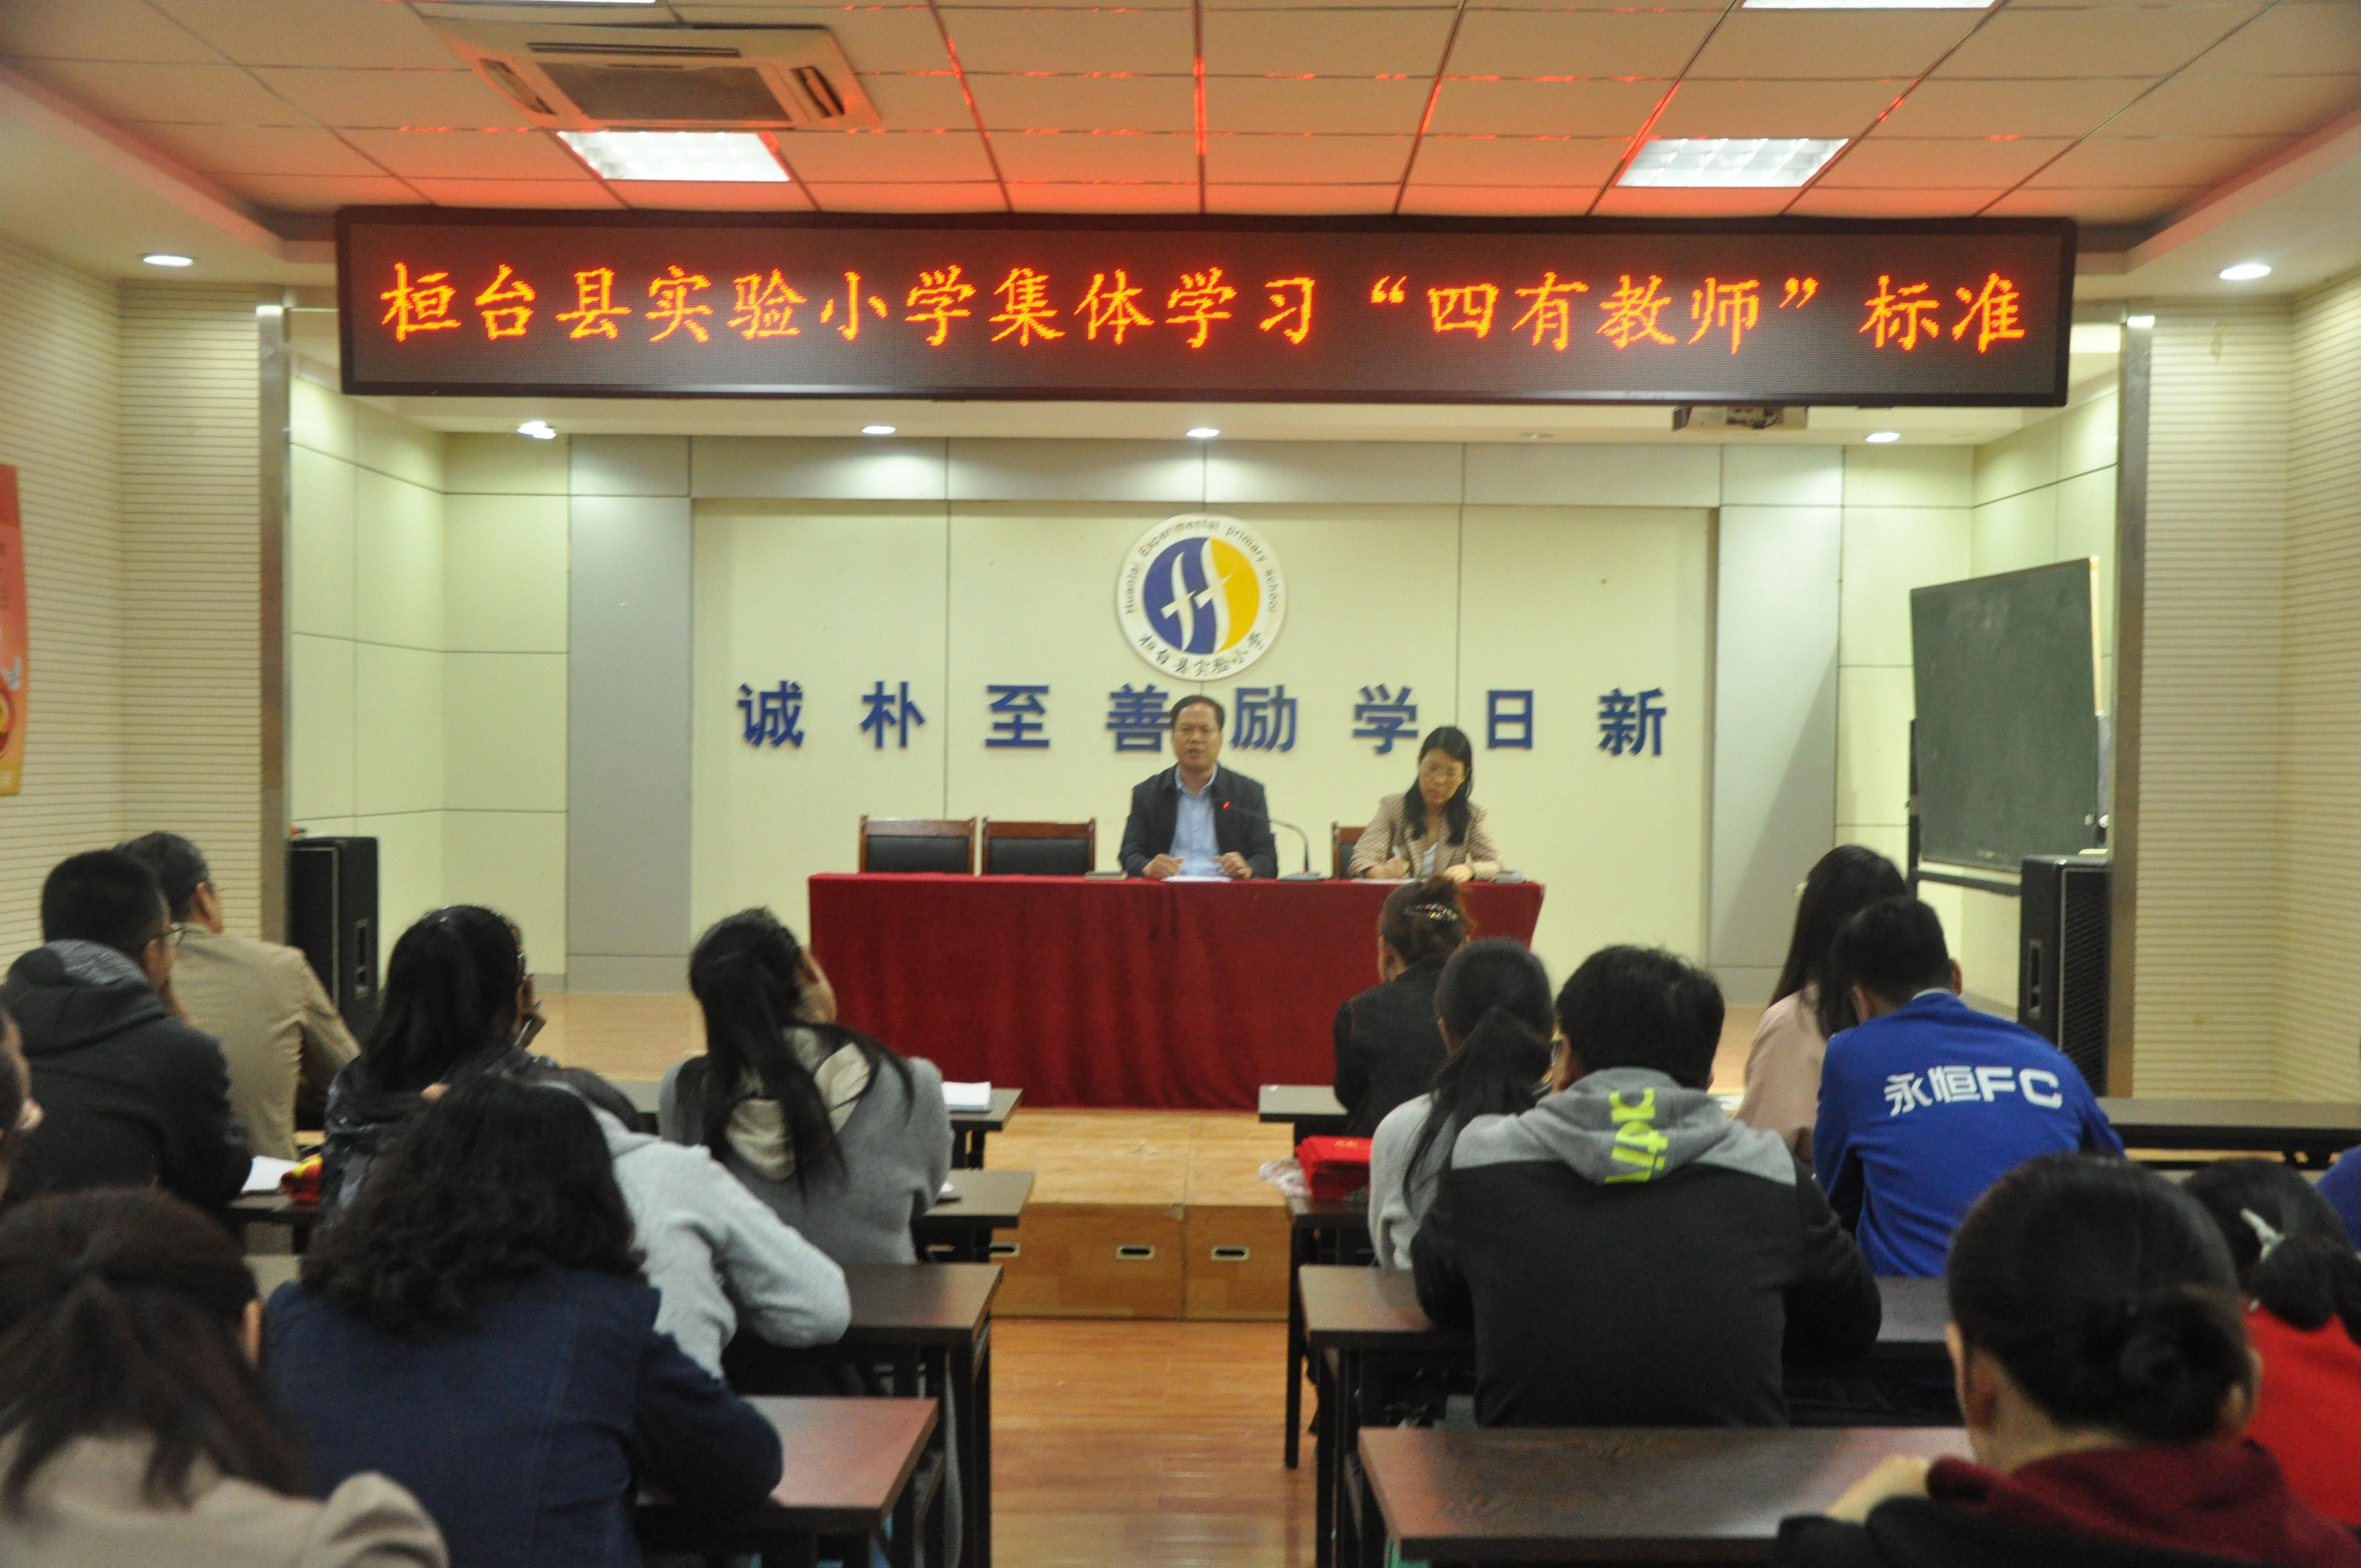 淄博市桓台县实验小学:守十项准则,做四有教师